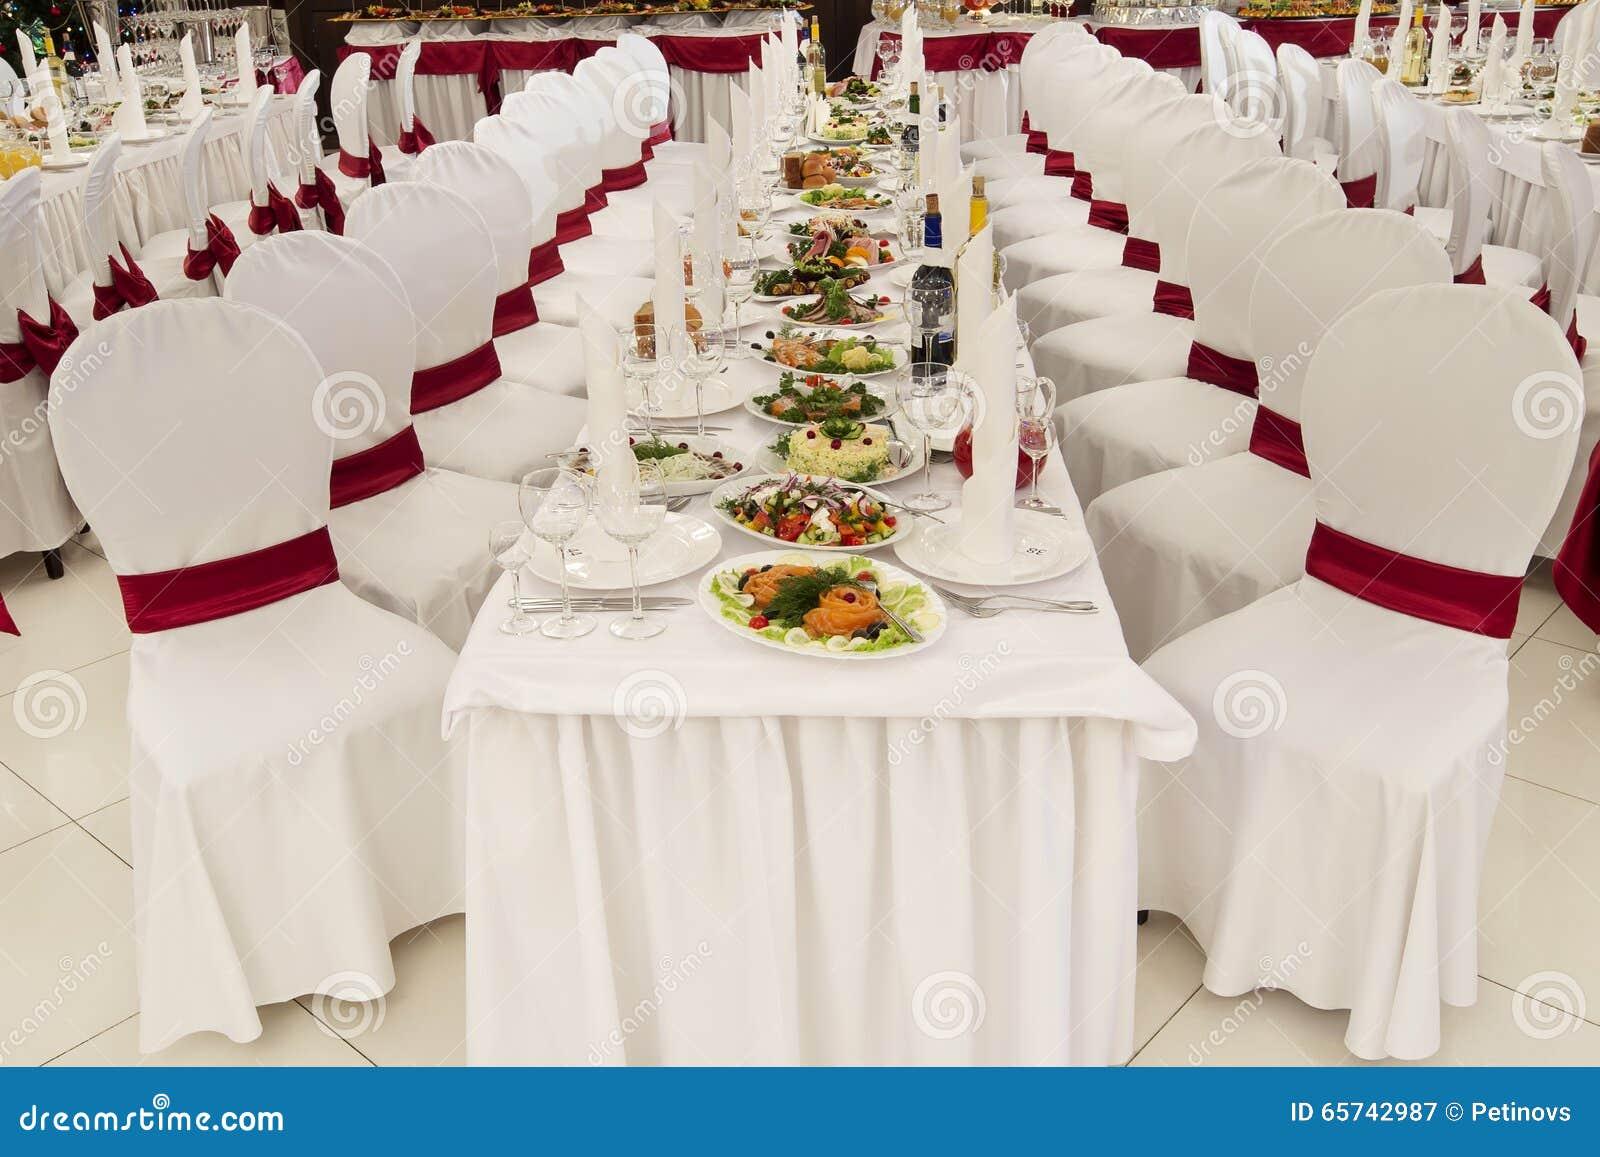 Célèbre Une Salle De Banquet De Restaurant Décorée Pour Un Mariage Photo  XR33